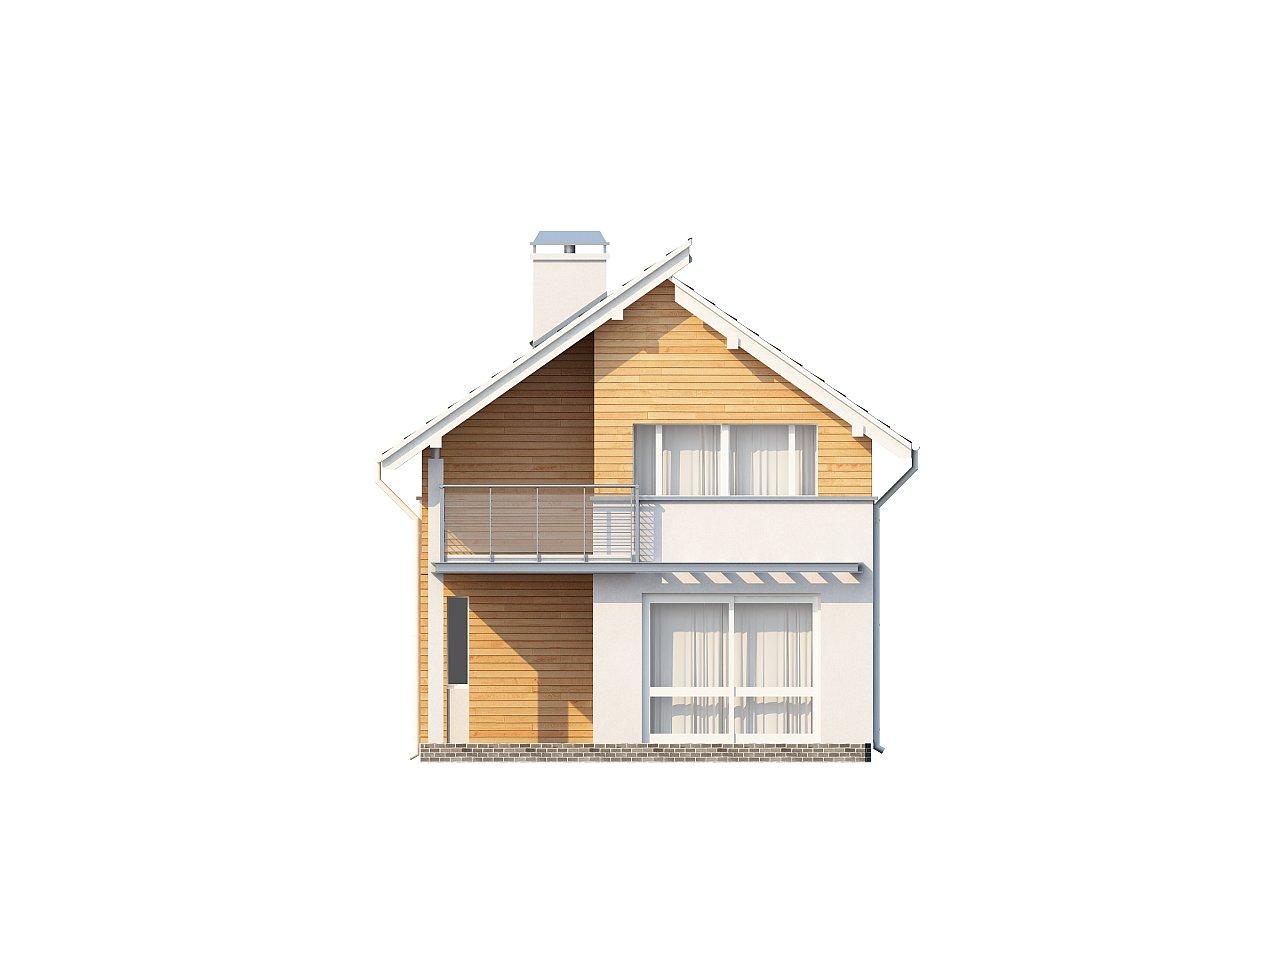 Энергоэффективный и удобный дом с современными элементами отделки фасадов. Подходит для узкого участка. - фото 4